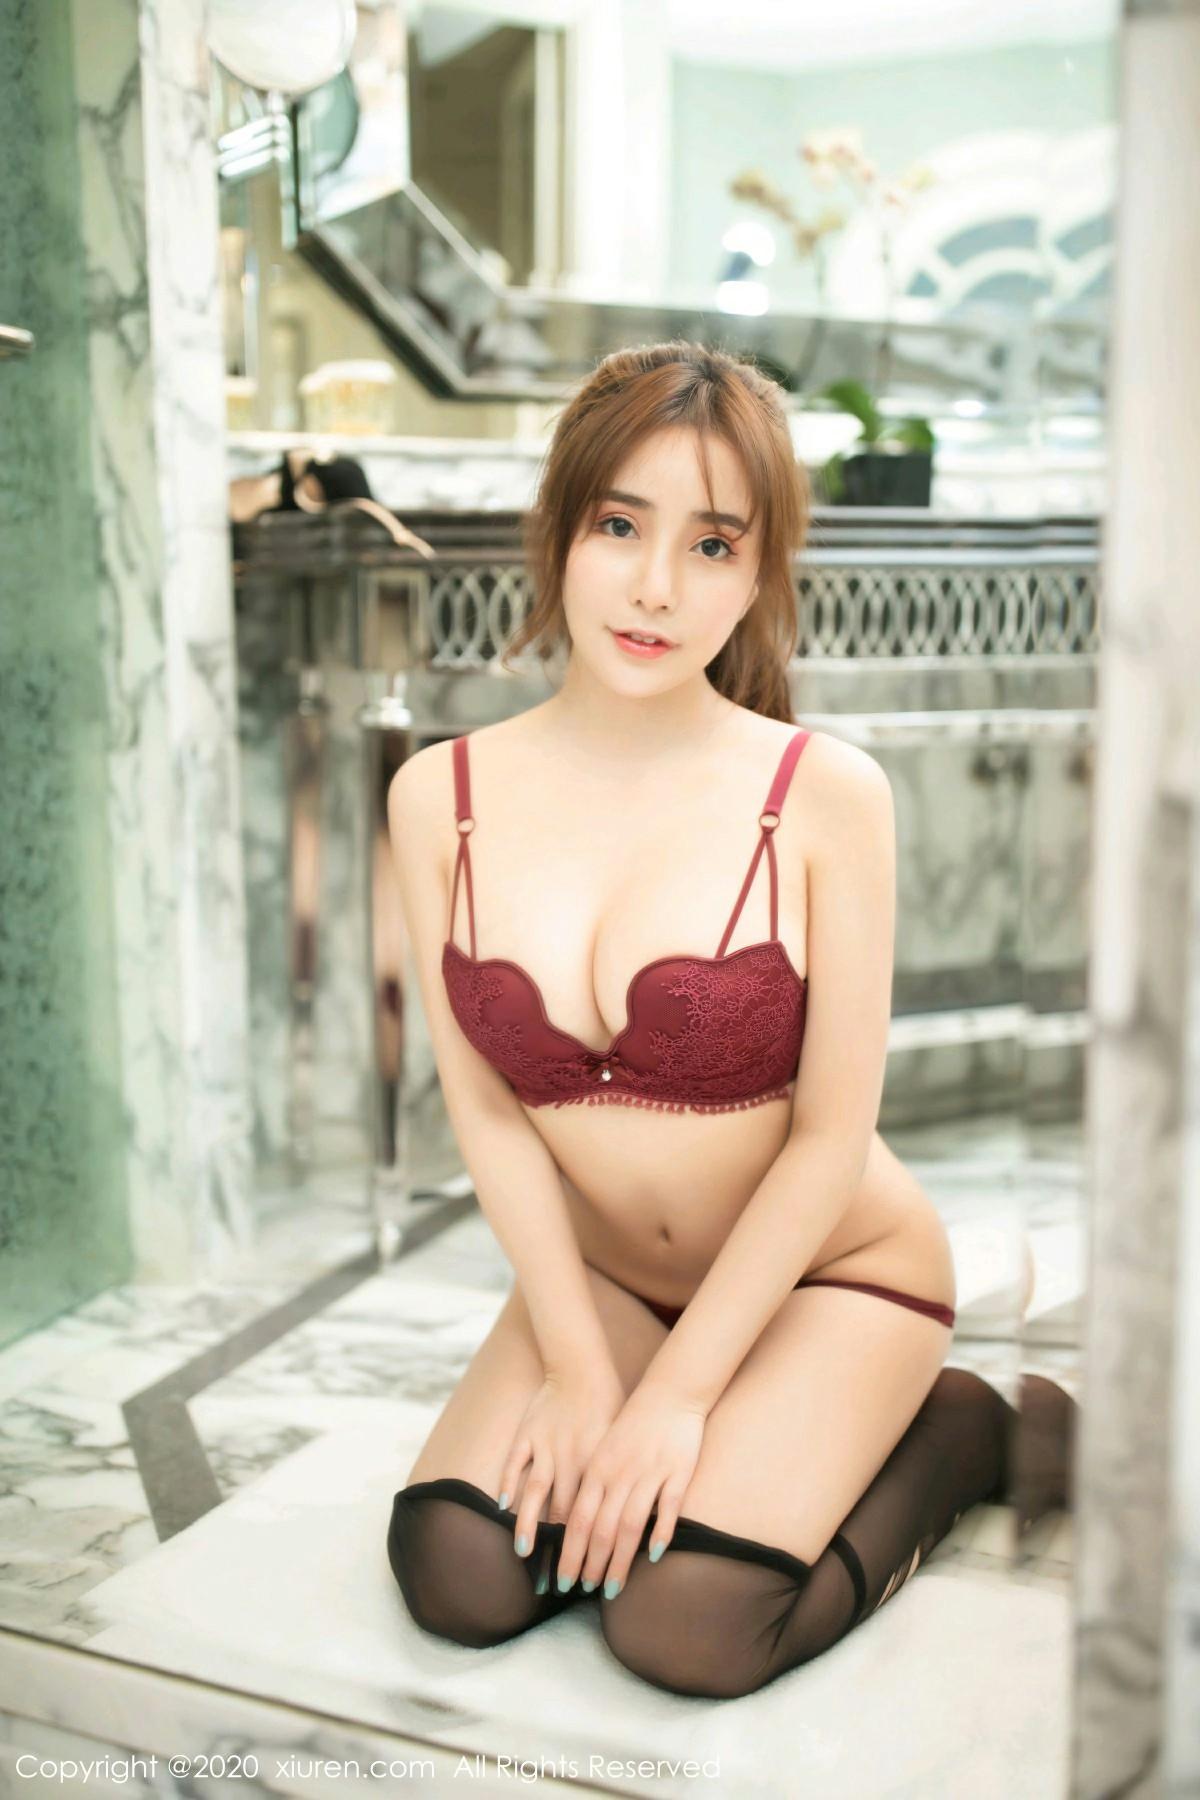 [XiuRen秀人网] 2020.10.21 No.2682 陶喜乐_lele 第3张